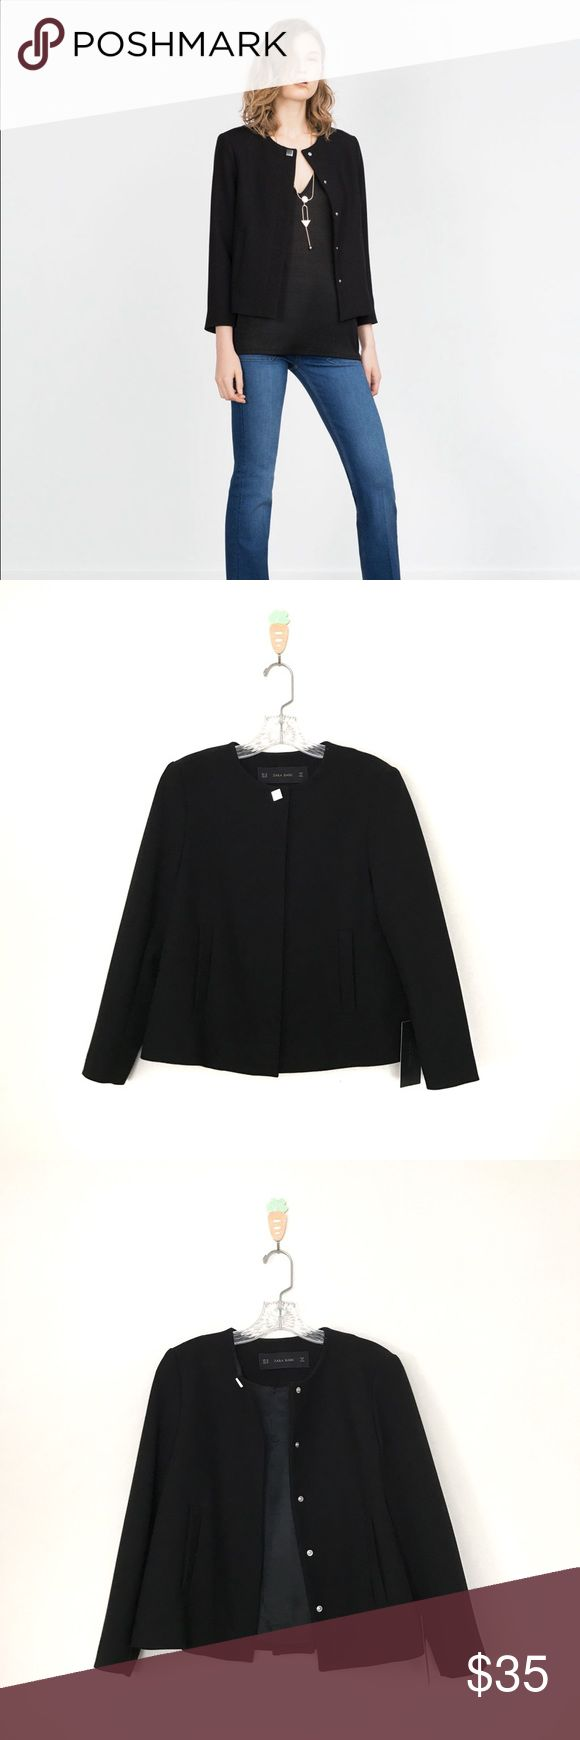 Zara crepe blazer XS brand new with tag Zara Jackets & Coats Blazers